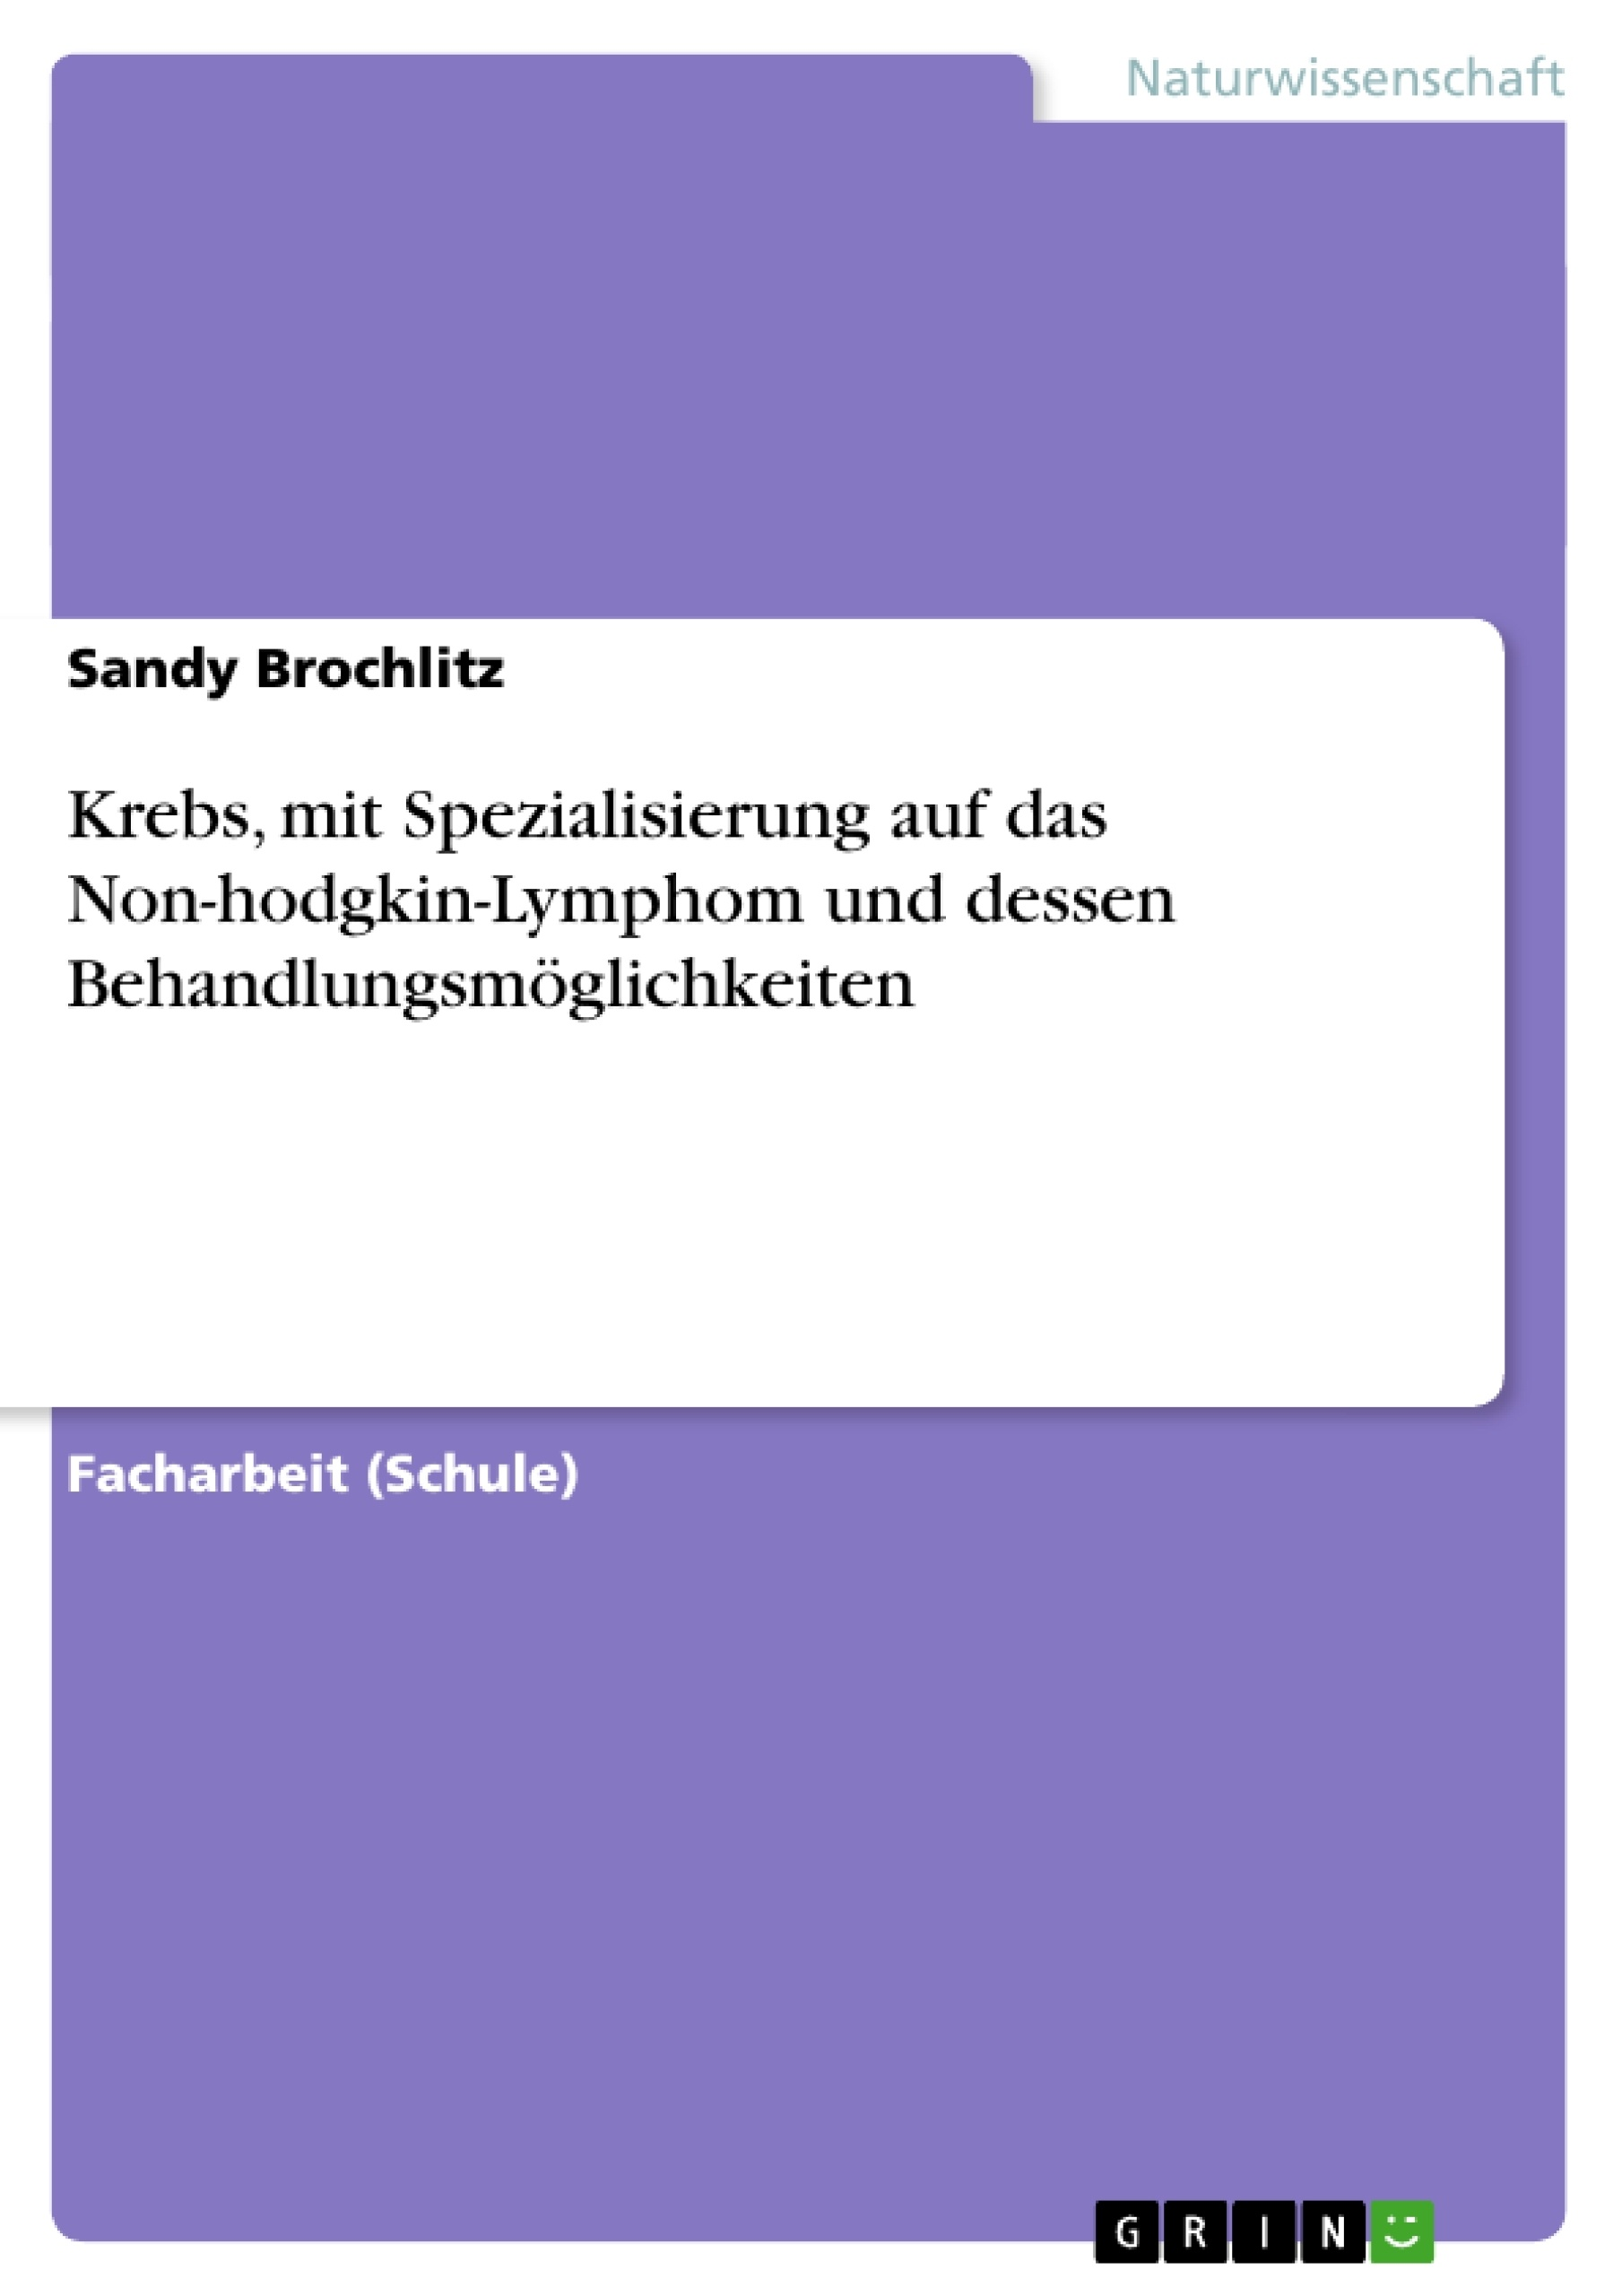 Titel: Krebs, mit Spezialisierung auf das Non-hodgkin-Lymphom und dessen Behandlungsmöglichkeiten